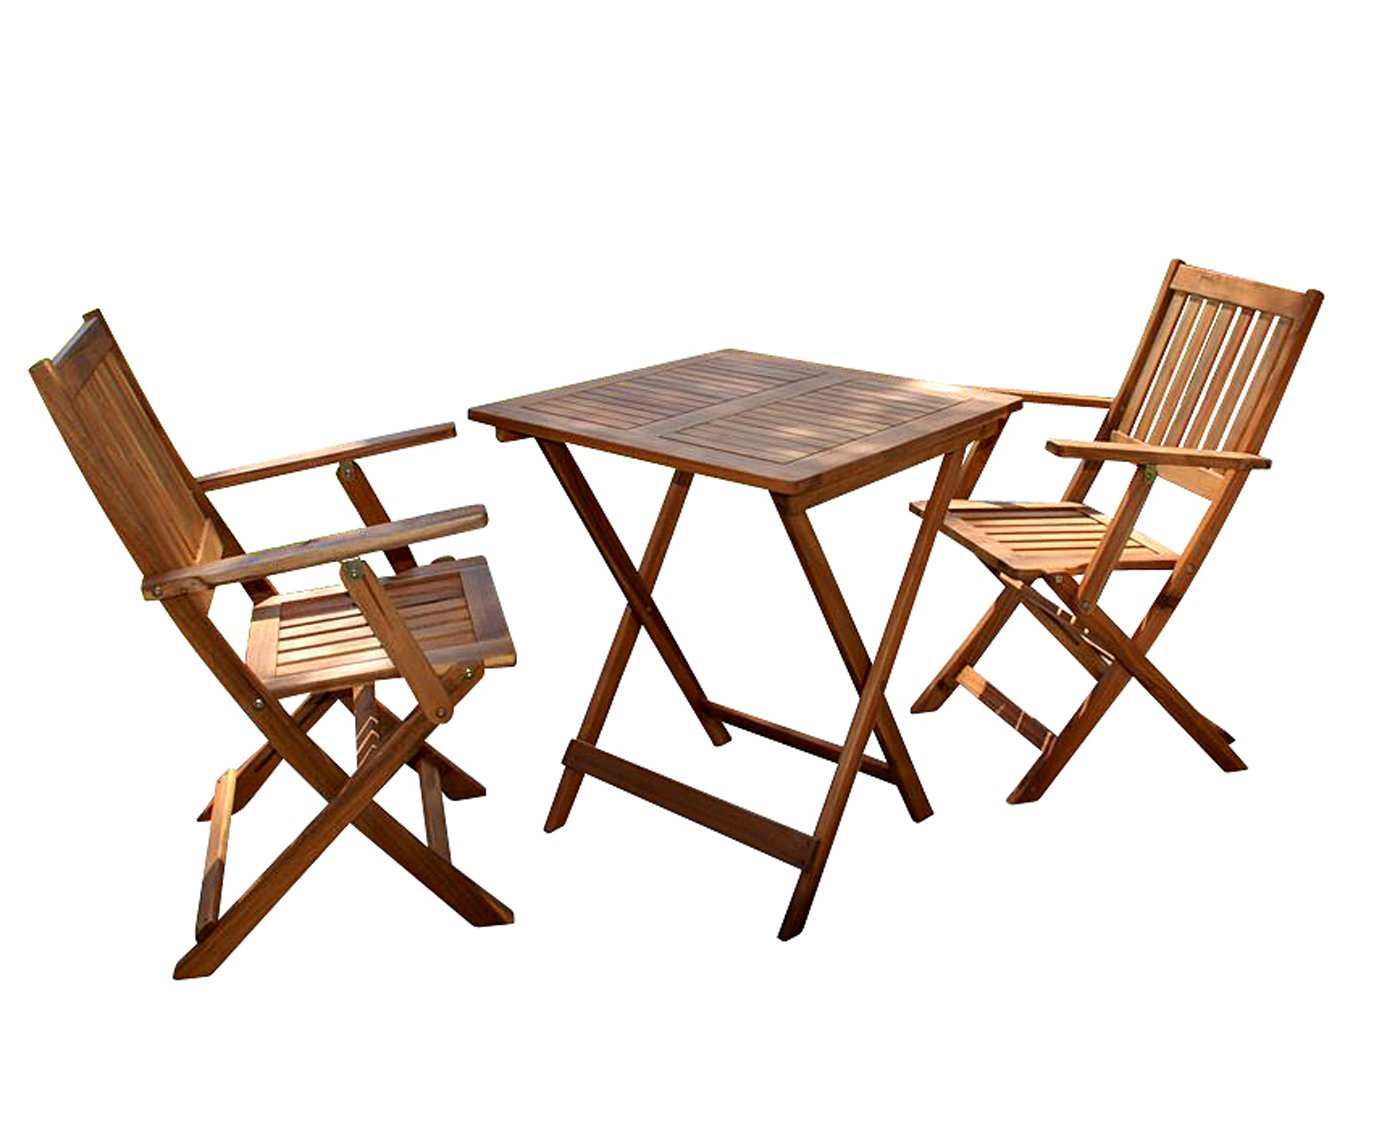 SAM Robuste Garten-Tischgruppe Camelia 3tlg. aus Akazienholz, bestehend aus 1 x Tisch + 2 x Klappstuhl, schöne Maserung